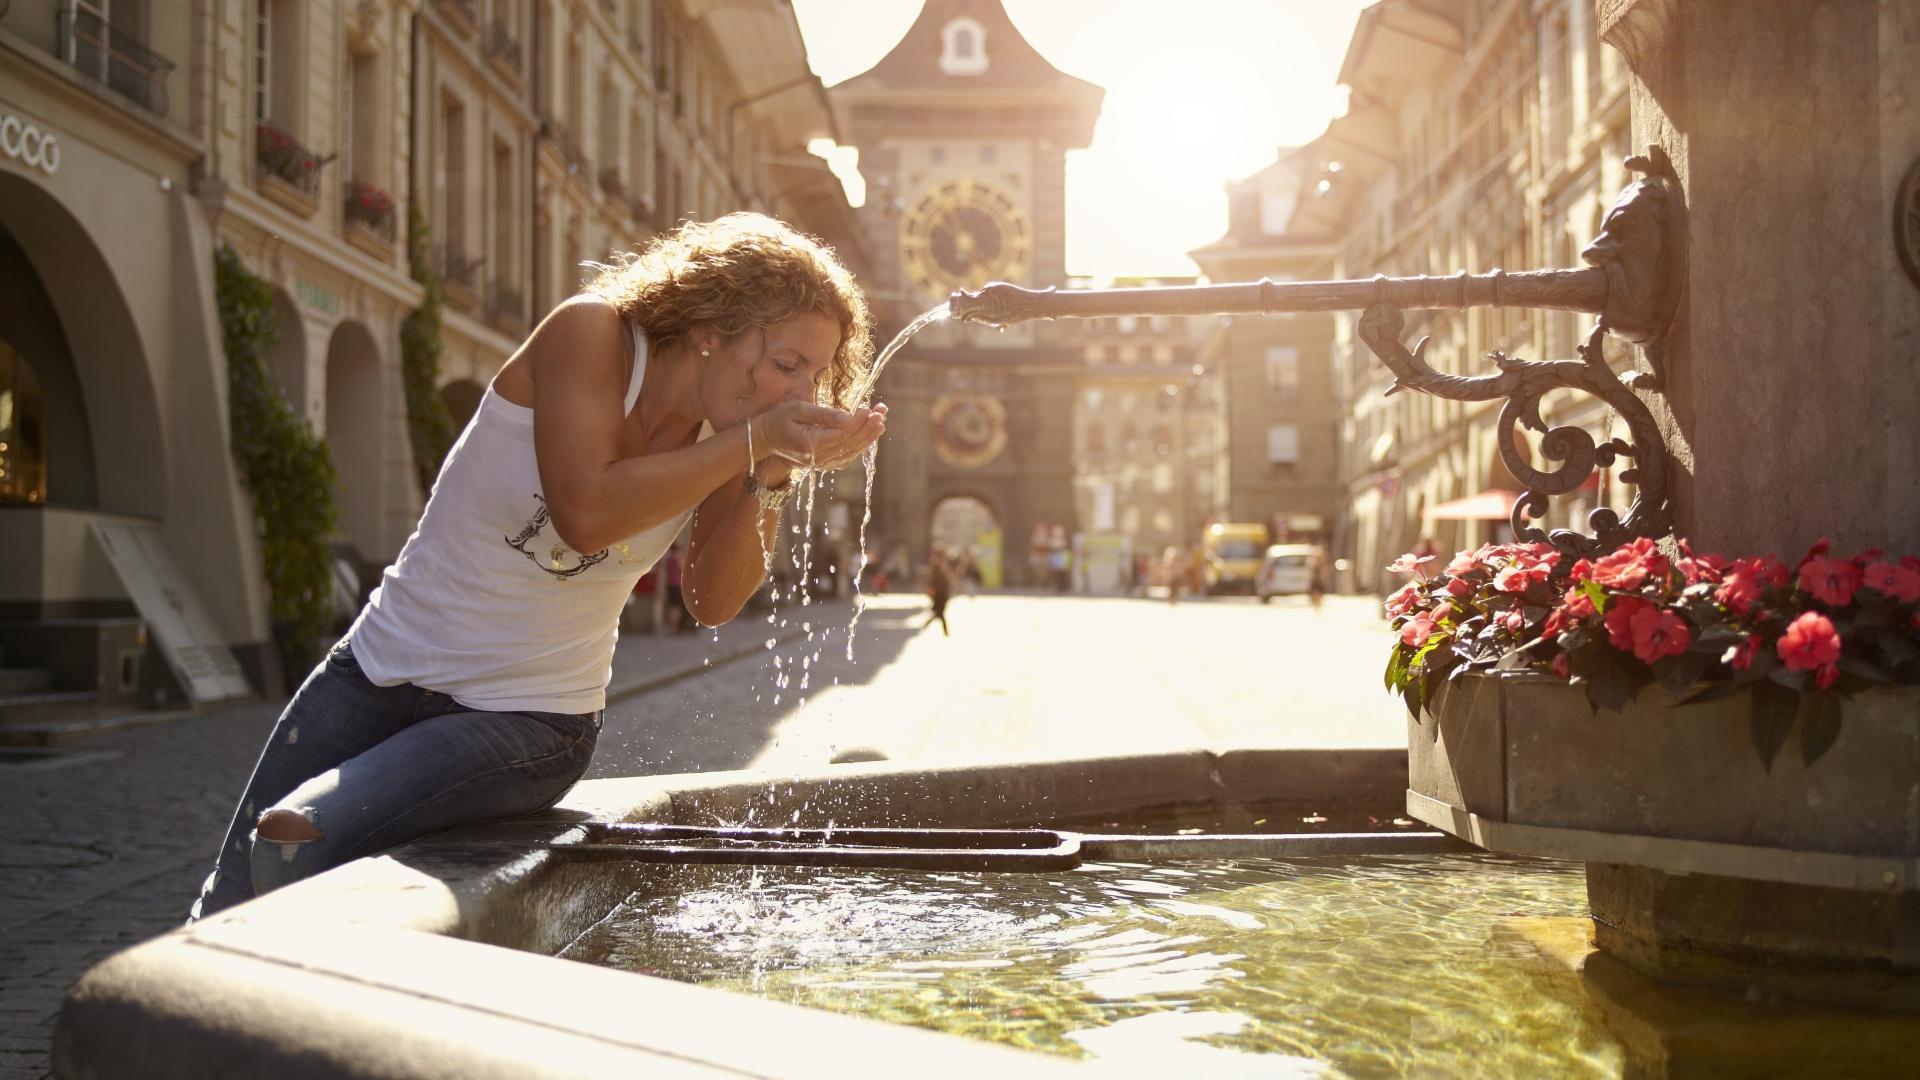 【法國】巴黎自由行全攻略 Paris Travel Guide